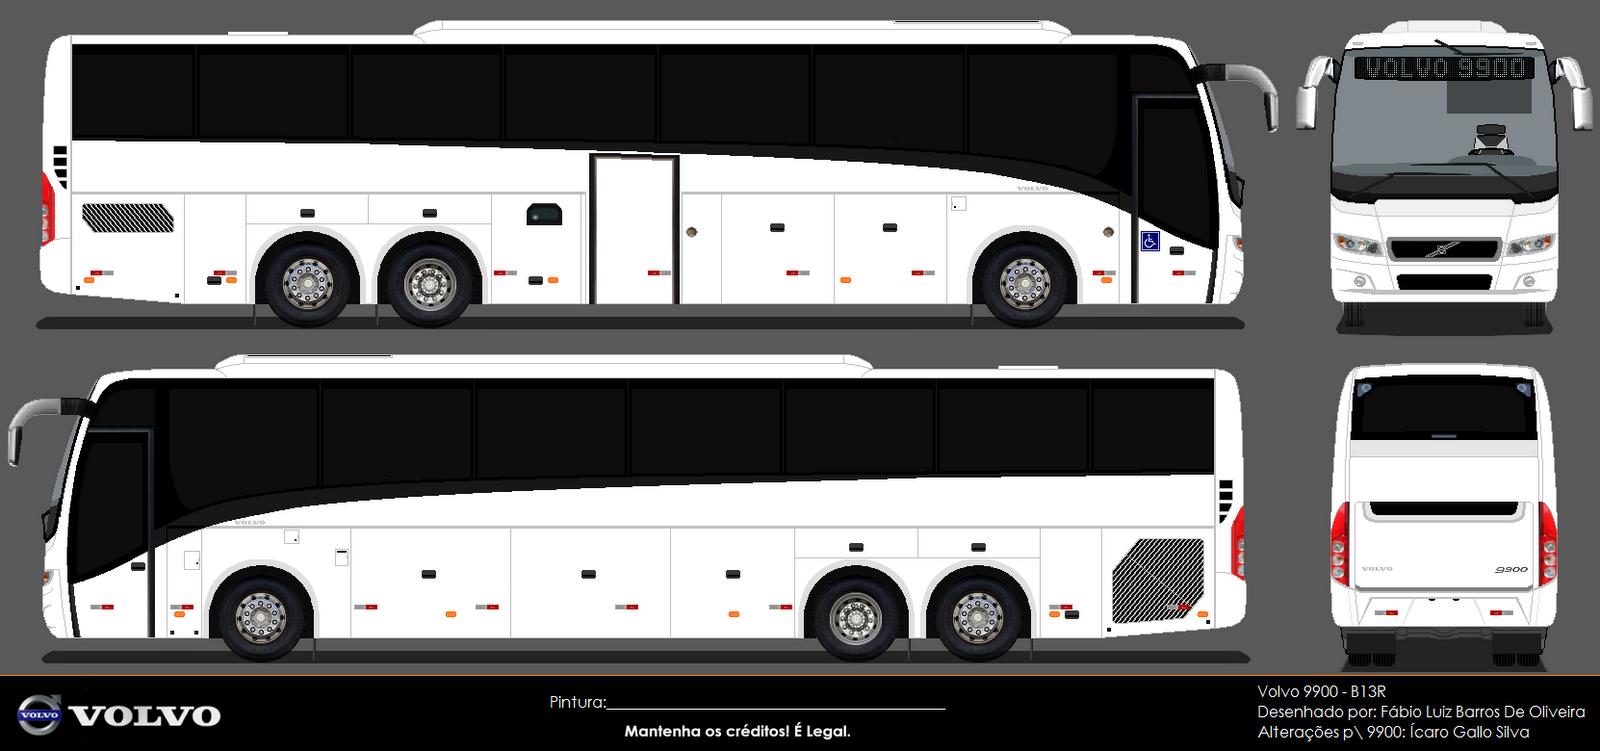 Bus MG: Volvo 9900